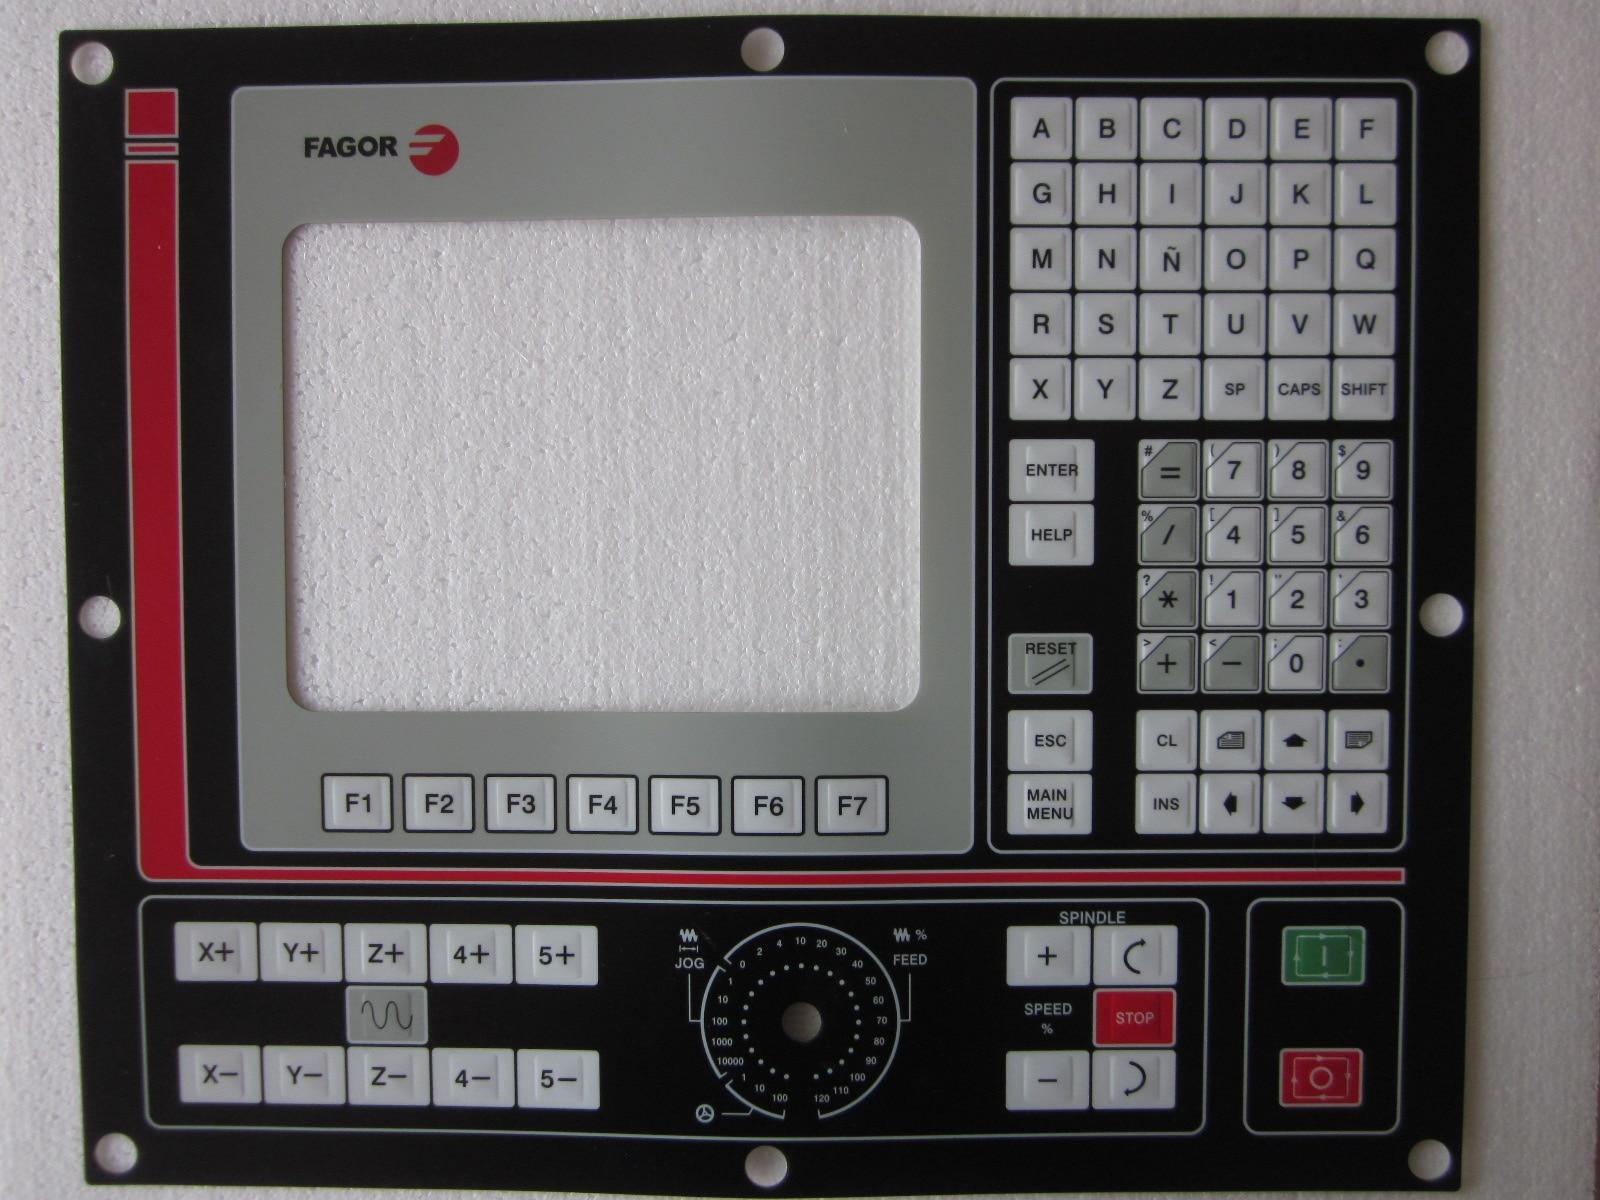 فاجور 8025M 8055 غشاء لوحة المفاتيح ل HMI لوحة إصلاح ~ تفعل ذلك بنفسك ، جديد ويكون في الأسهم